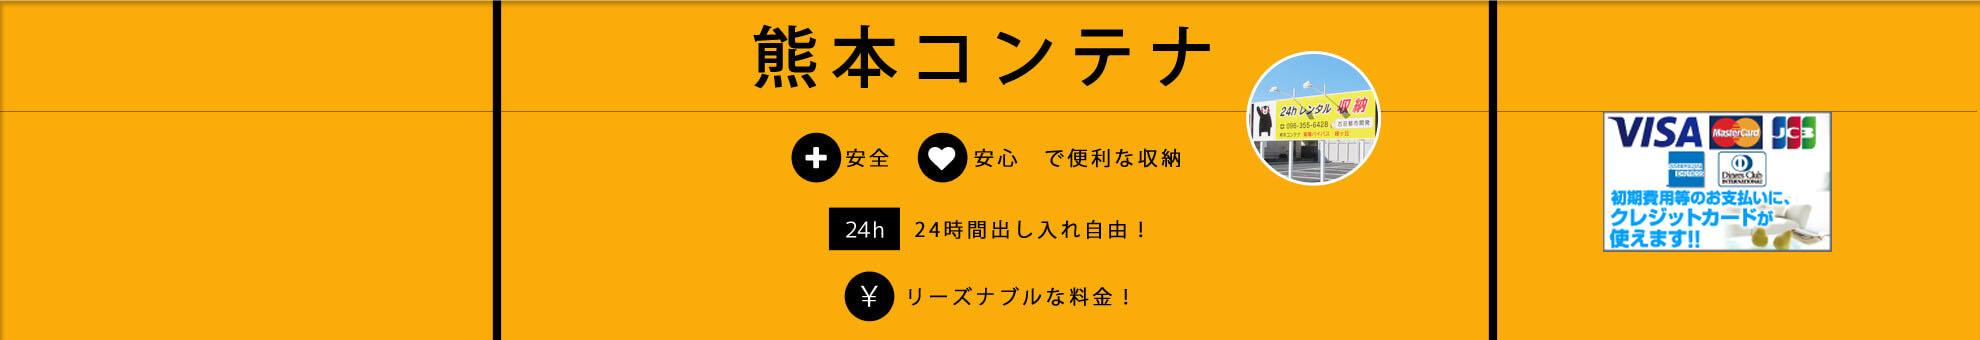 熊本コンテナ